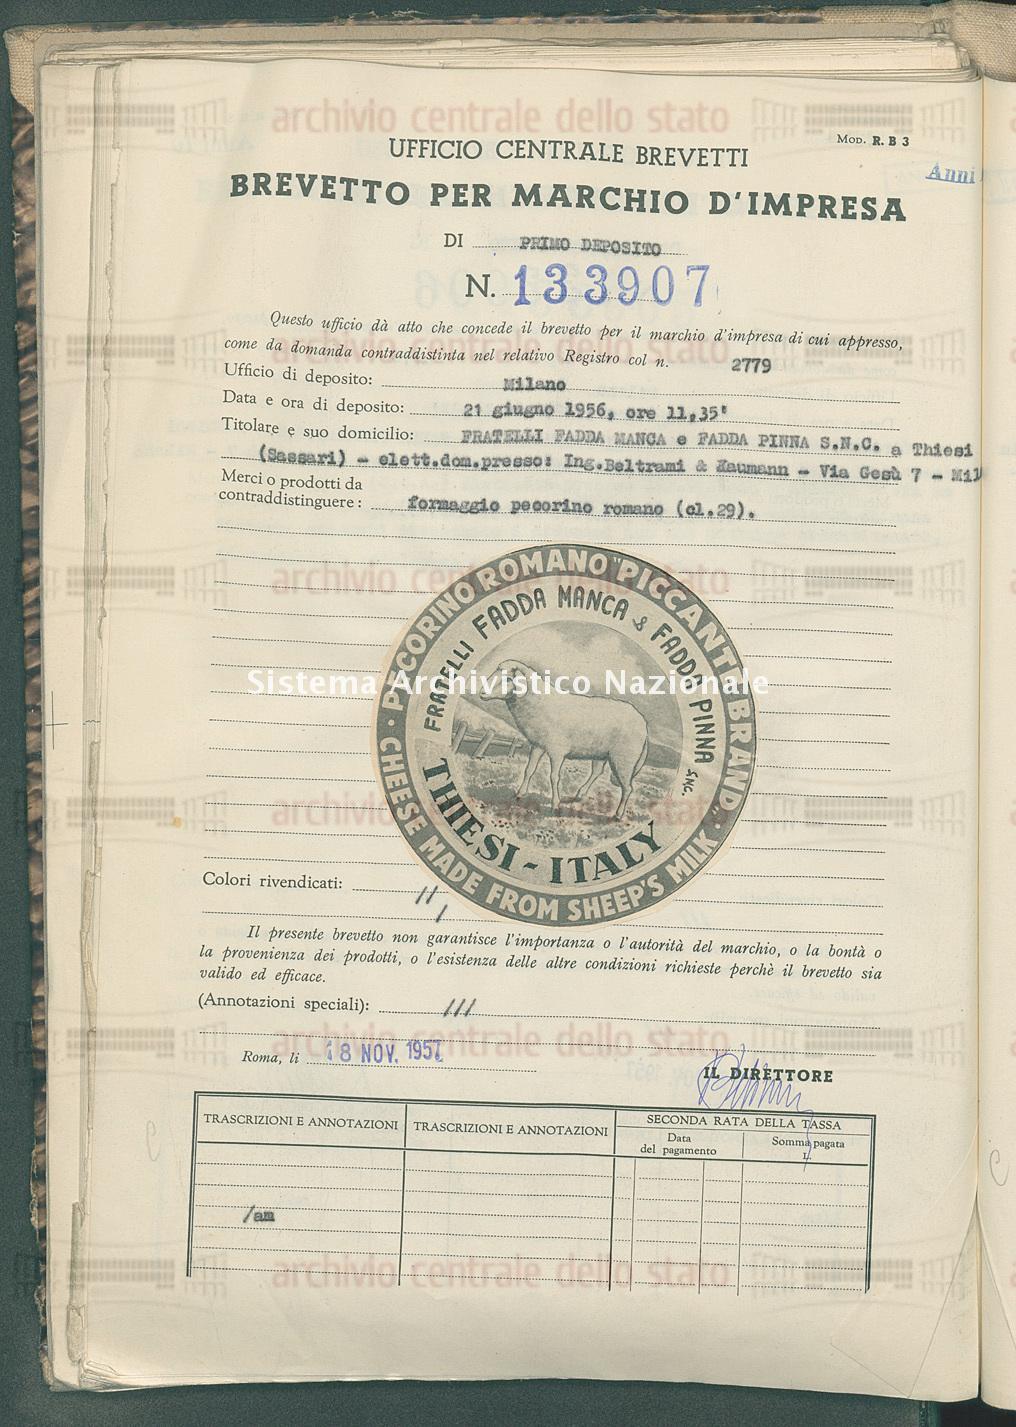 Formaggio pecorino romano Fratelli Fadda Manca E Fadda Pinna S.N.C. (18/11/1957)